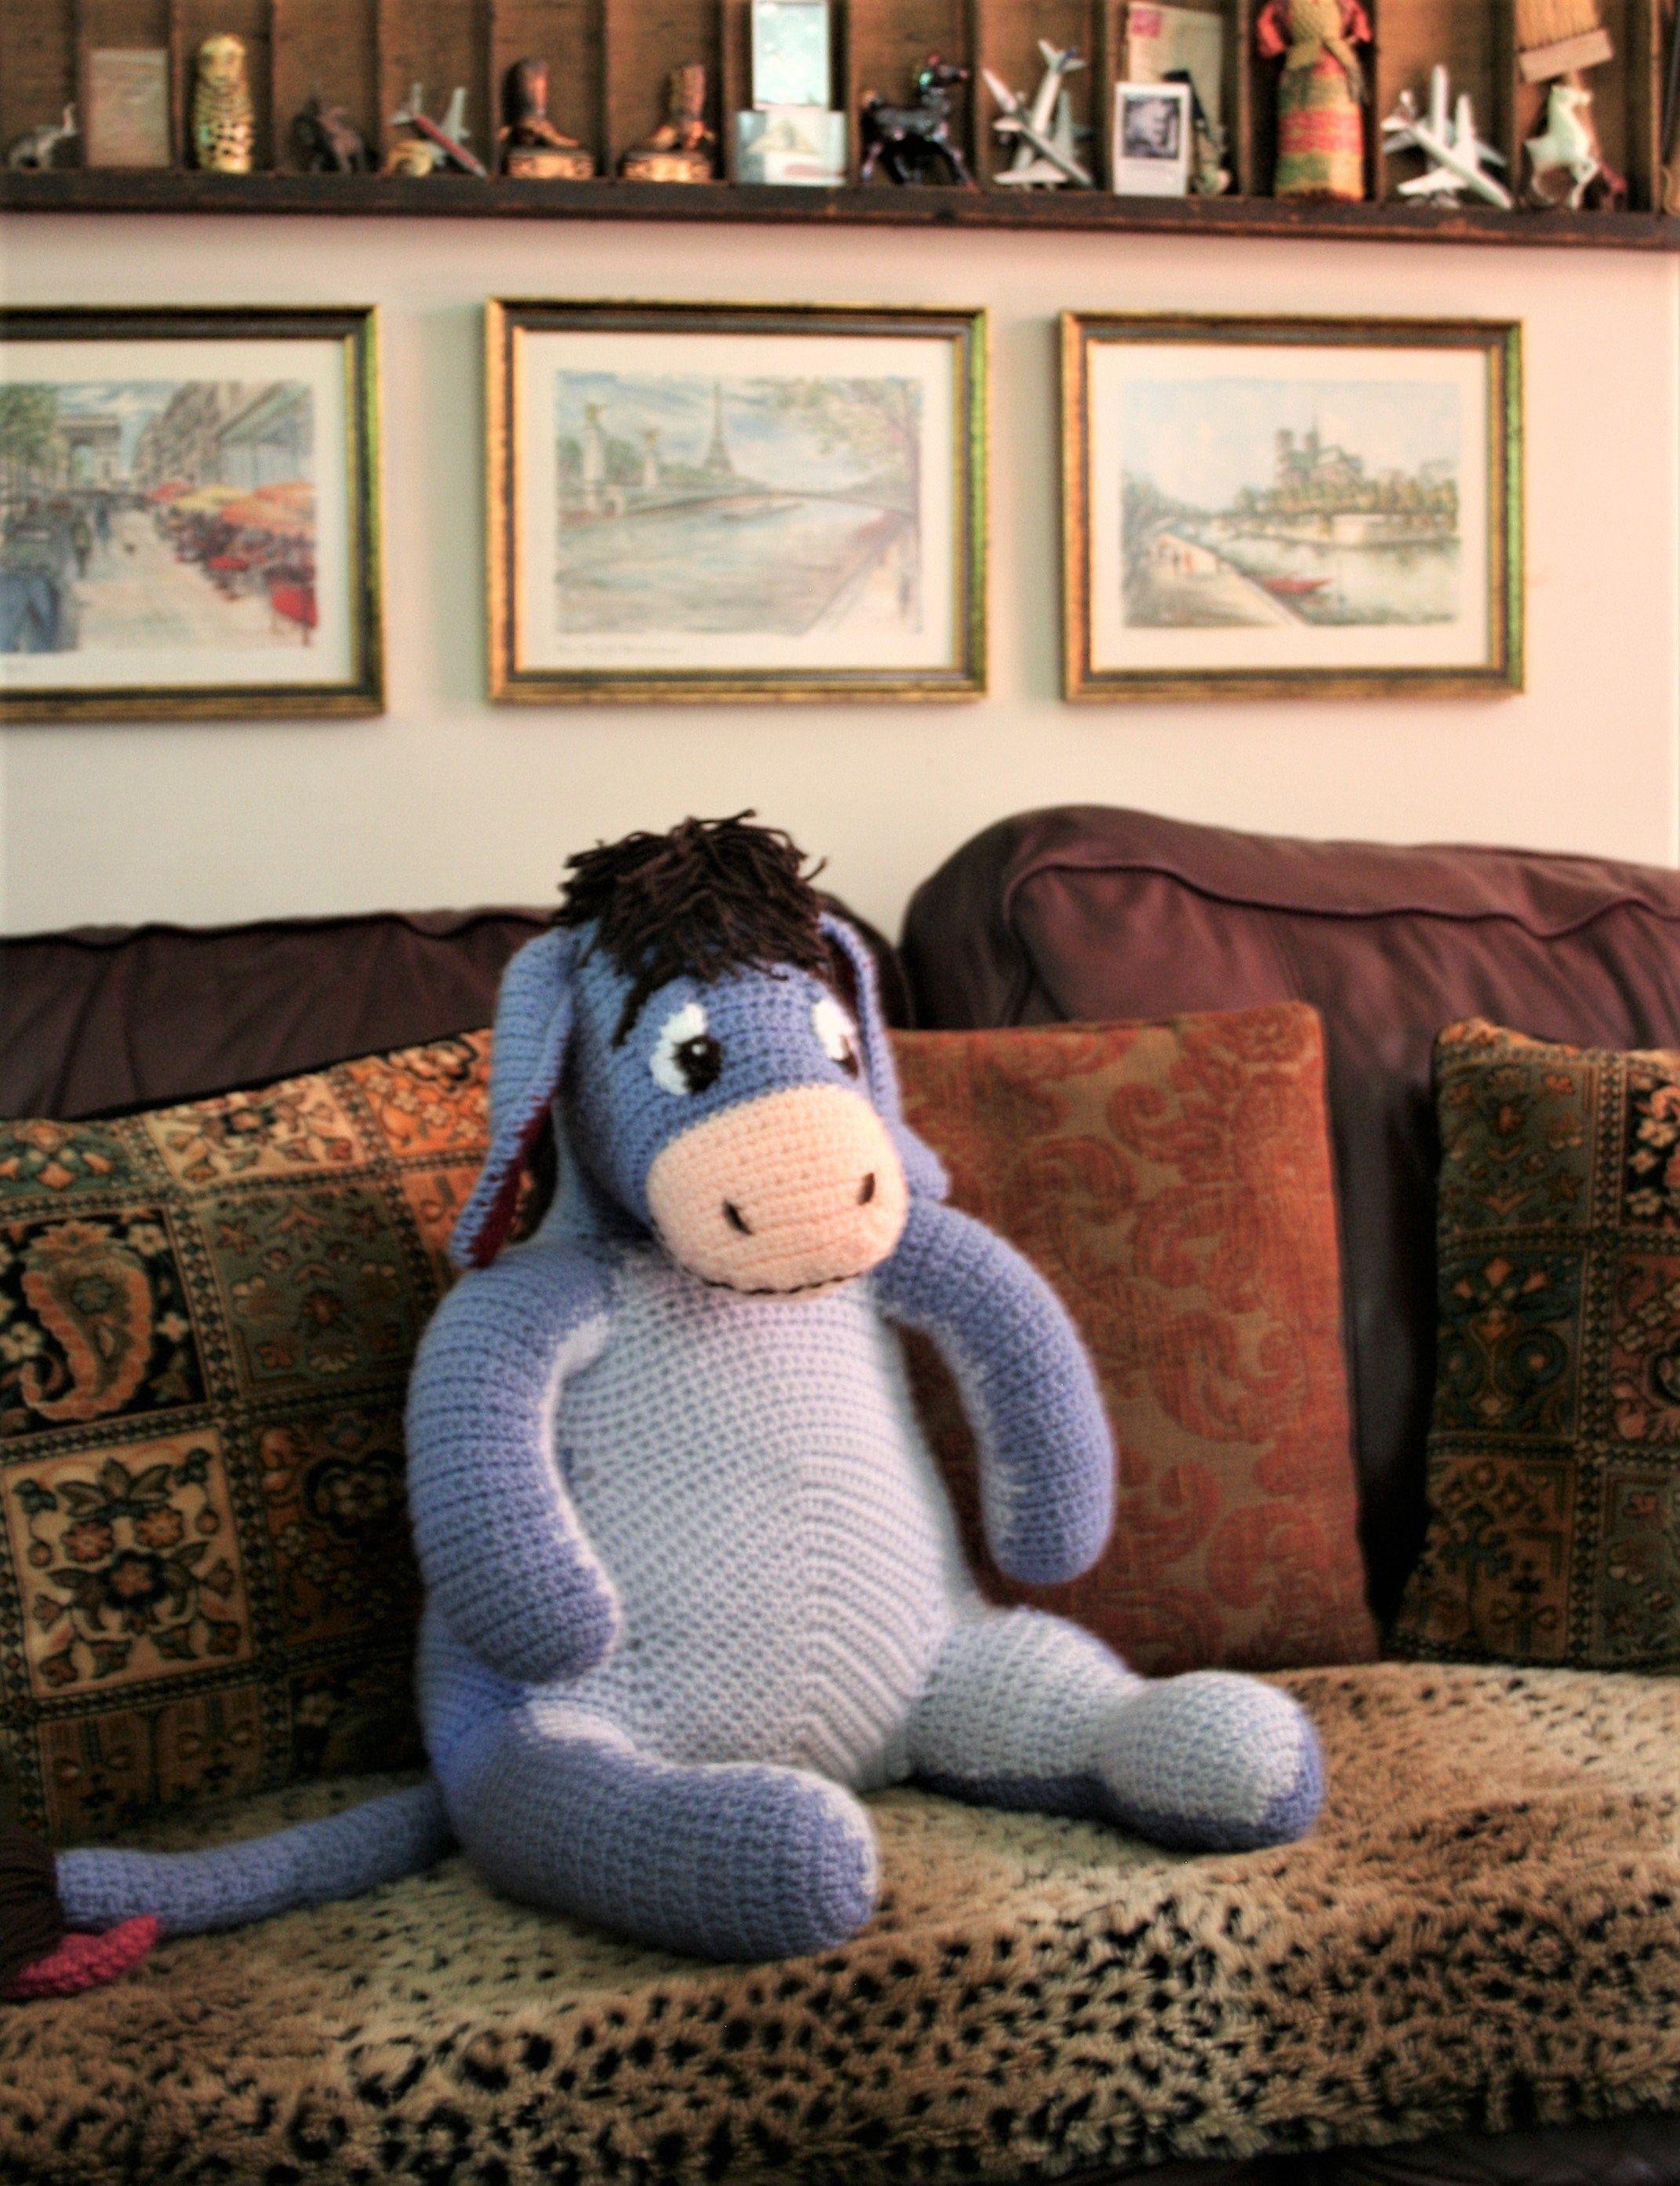 10+ Large stuffed animals for nursery ideas